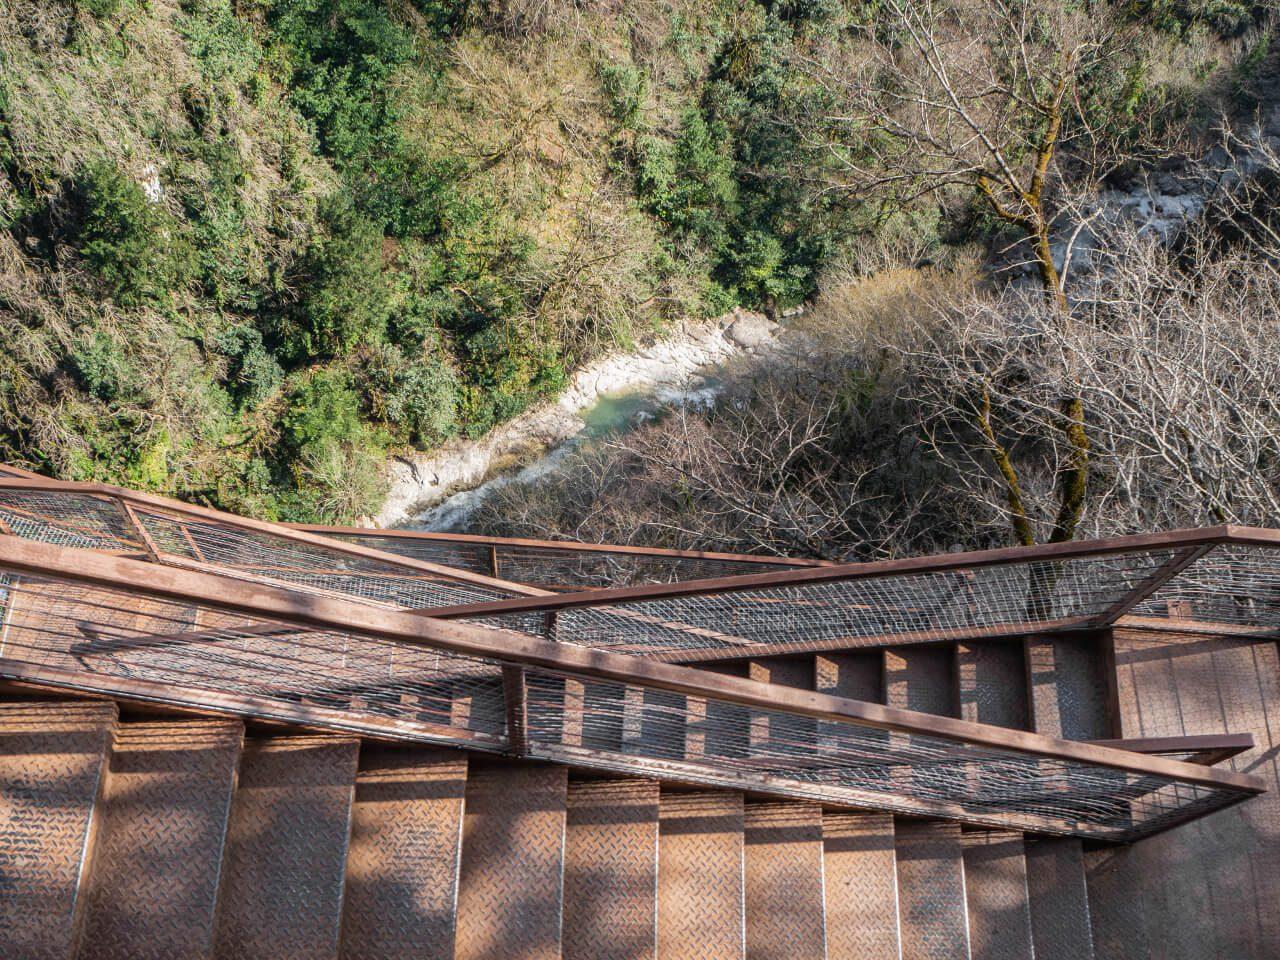 widok na rzekę okatse i ścieżkę w kanionie okatse